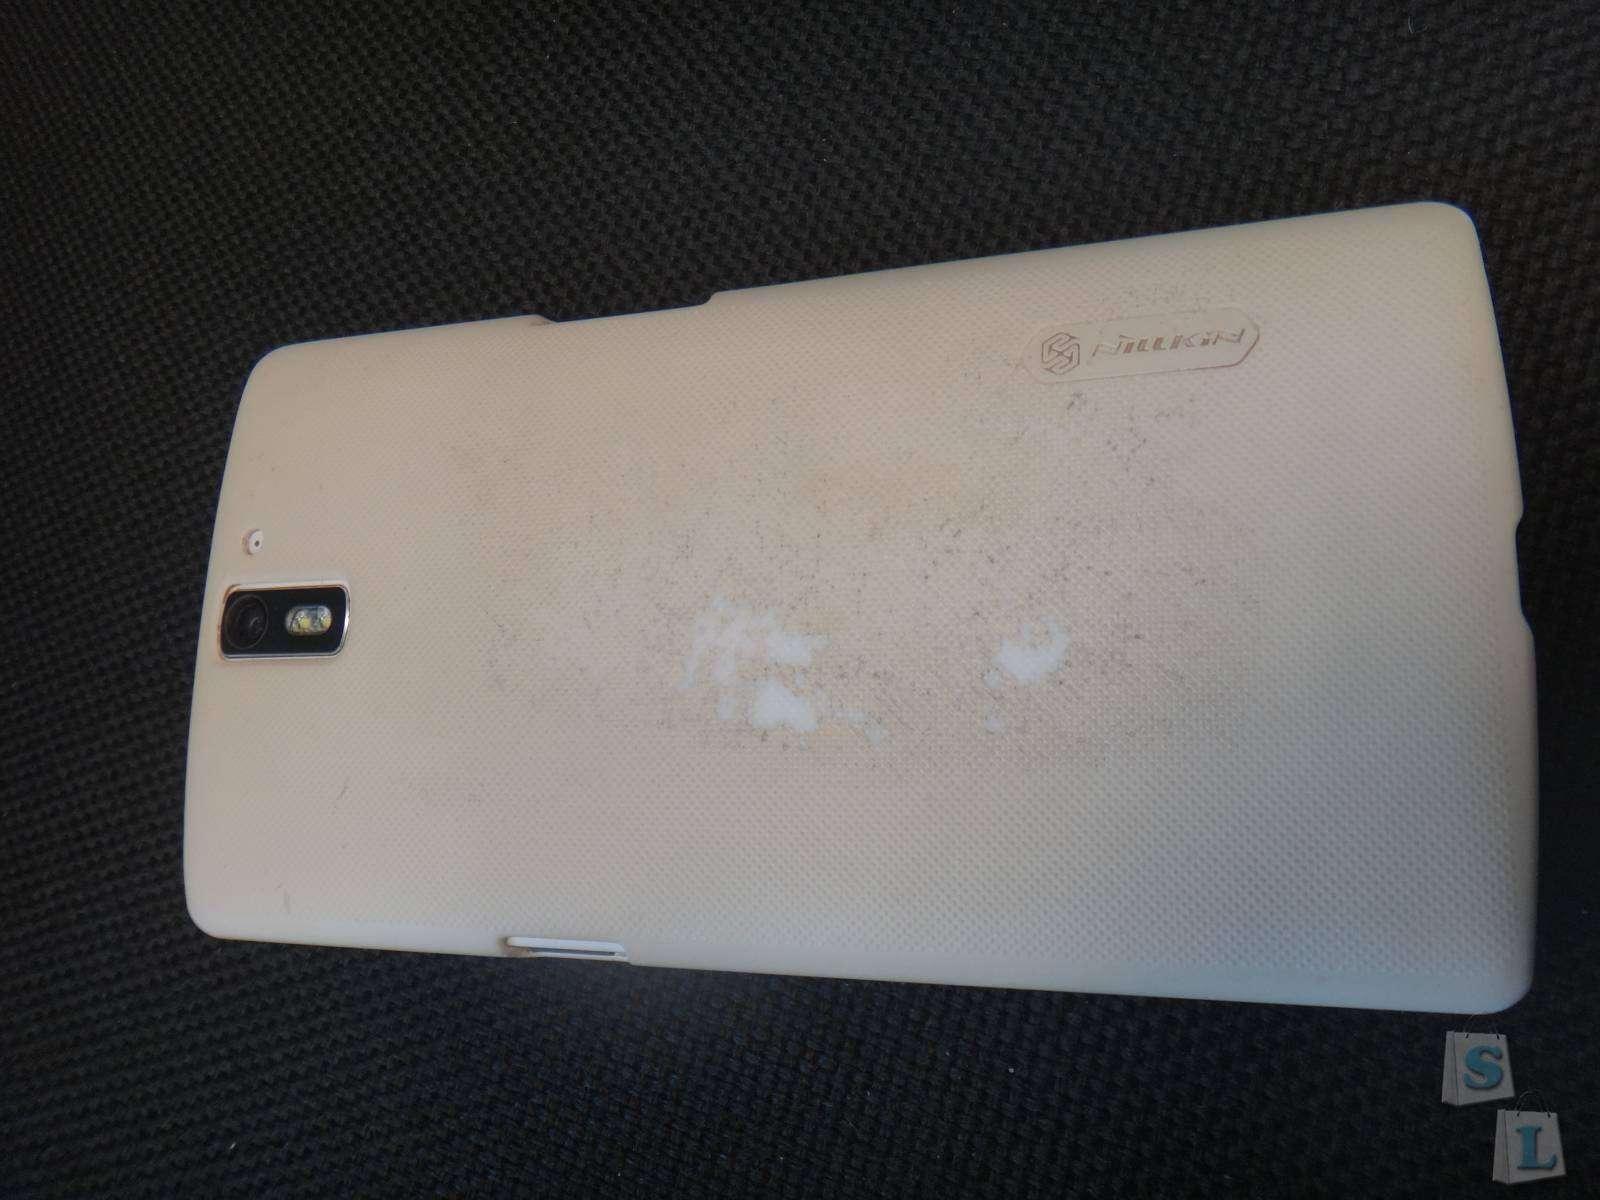 Aliexpress: Миньоны атакуют или обзор недорого прикольно бампера для OnePlus One